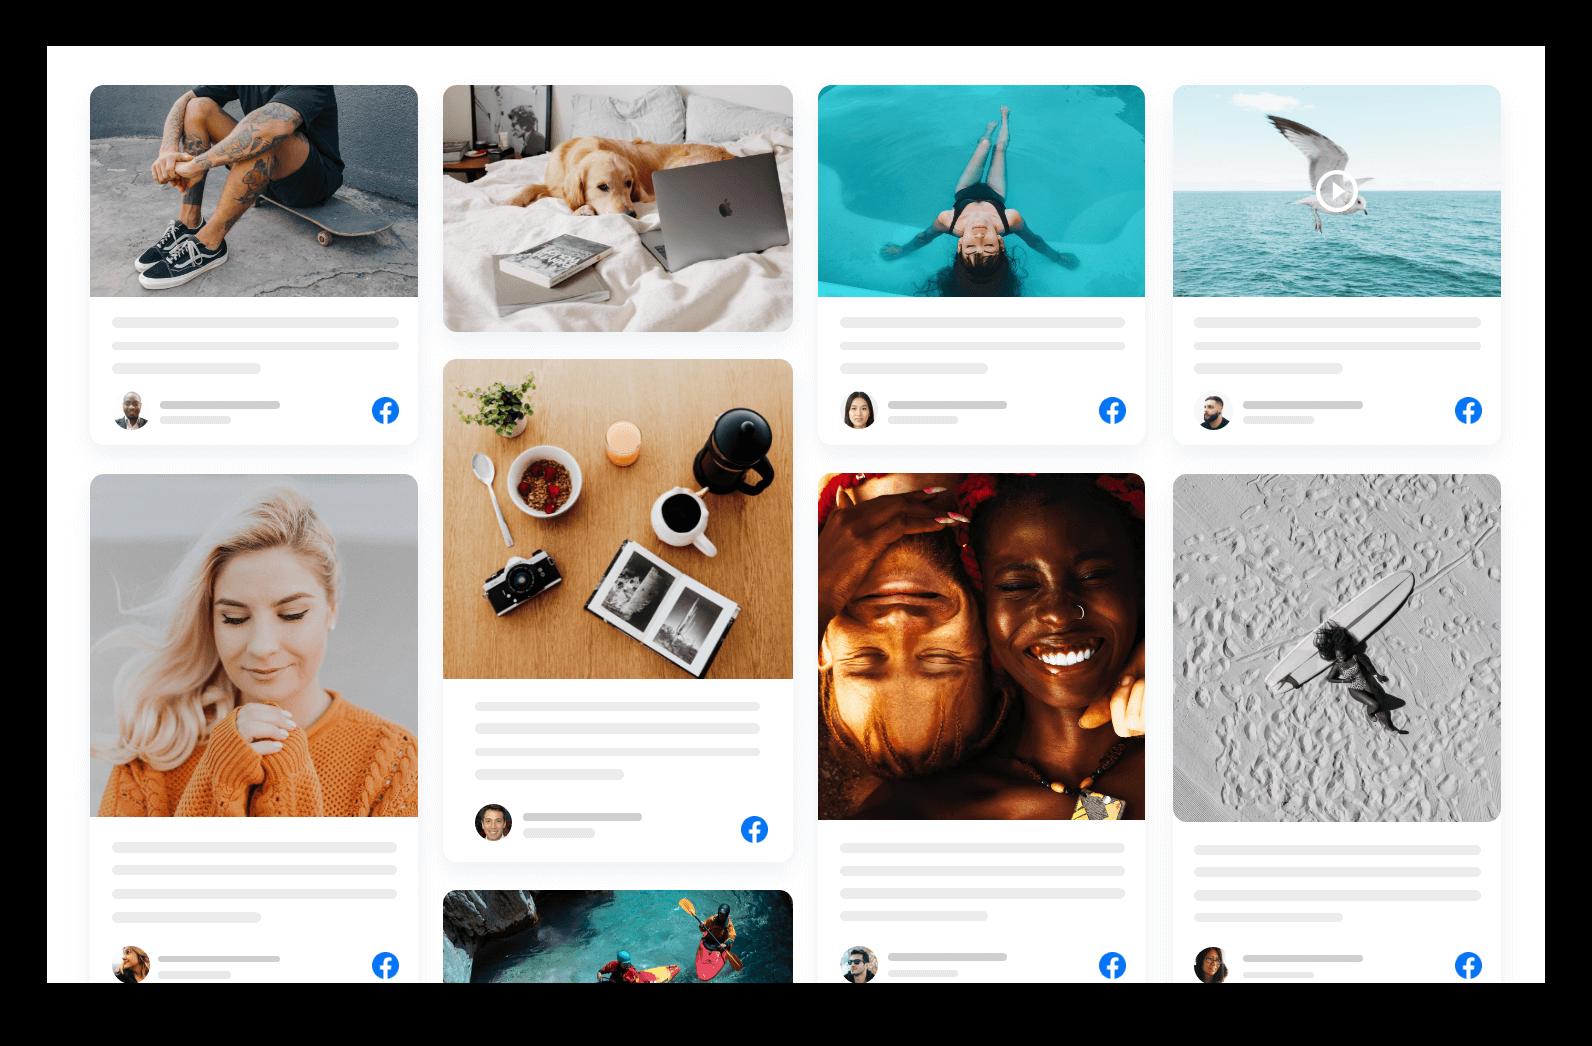 facebook feed aggregator